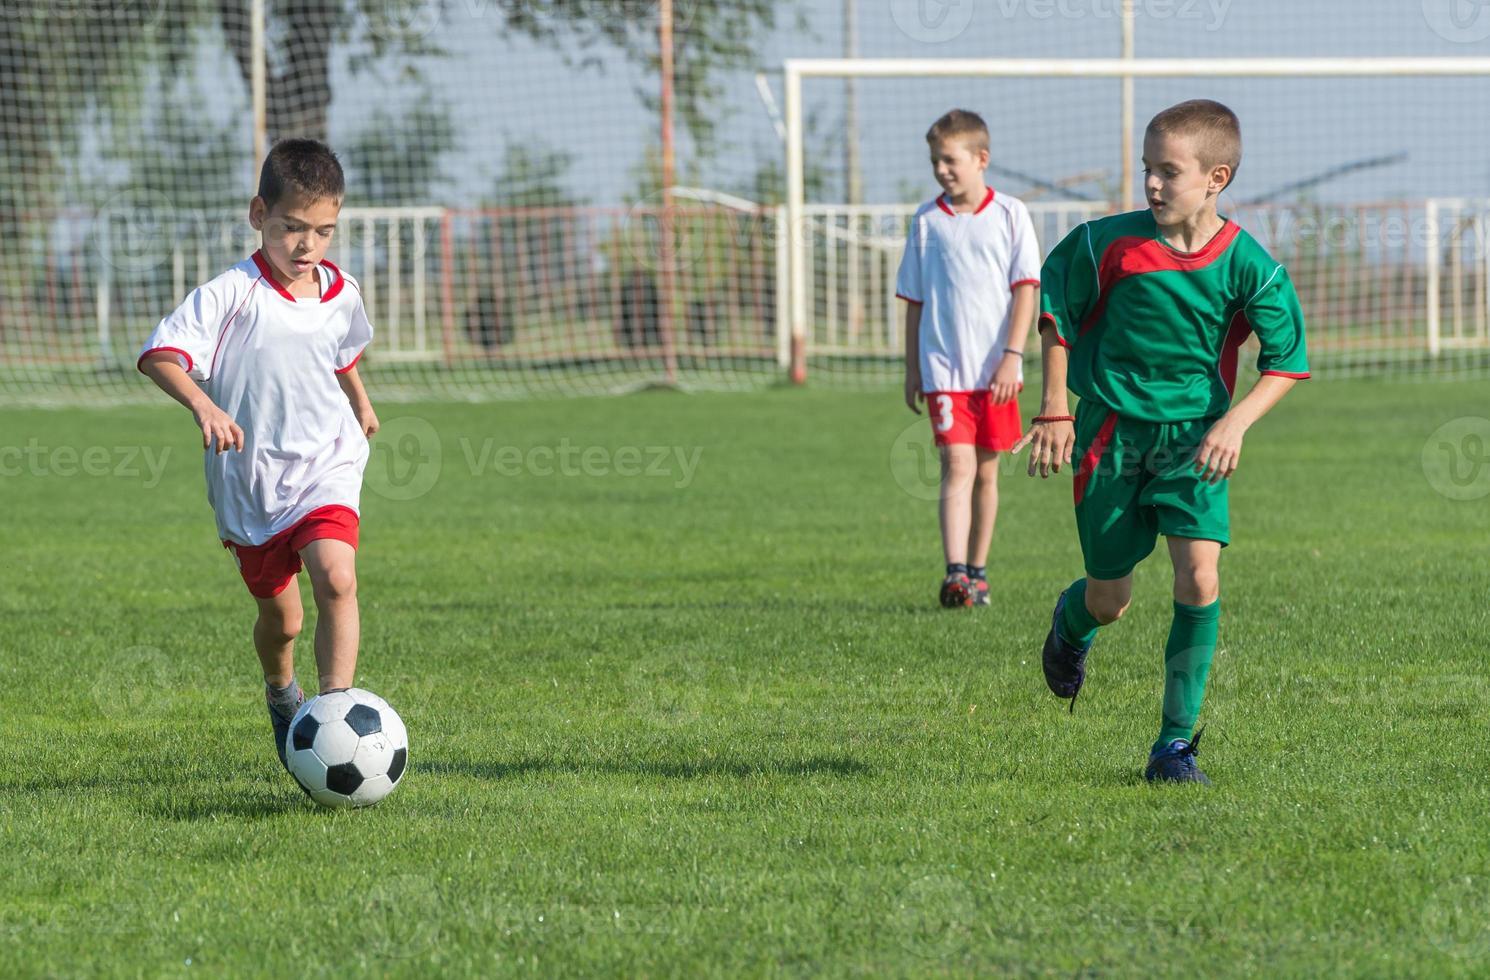 fútbol para niños foto